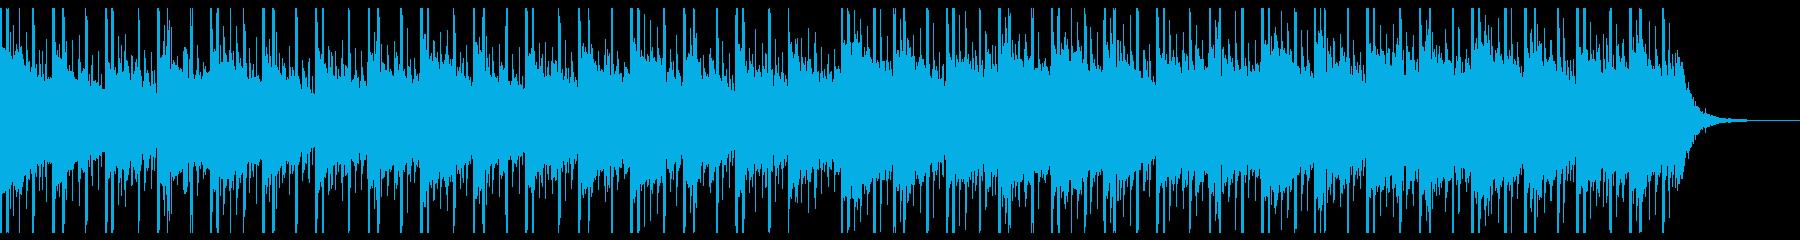 バックグラウンドテクノロジー(中)の再生済みの波形